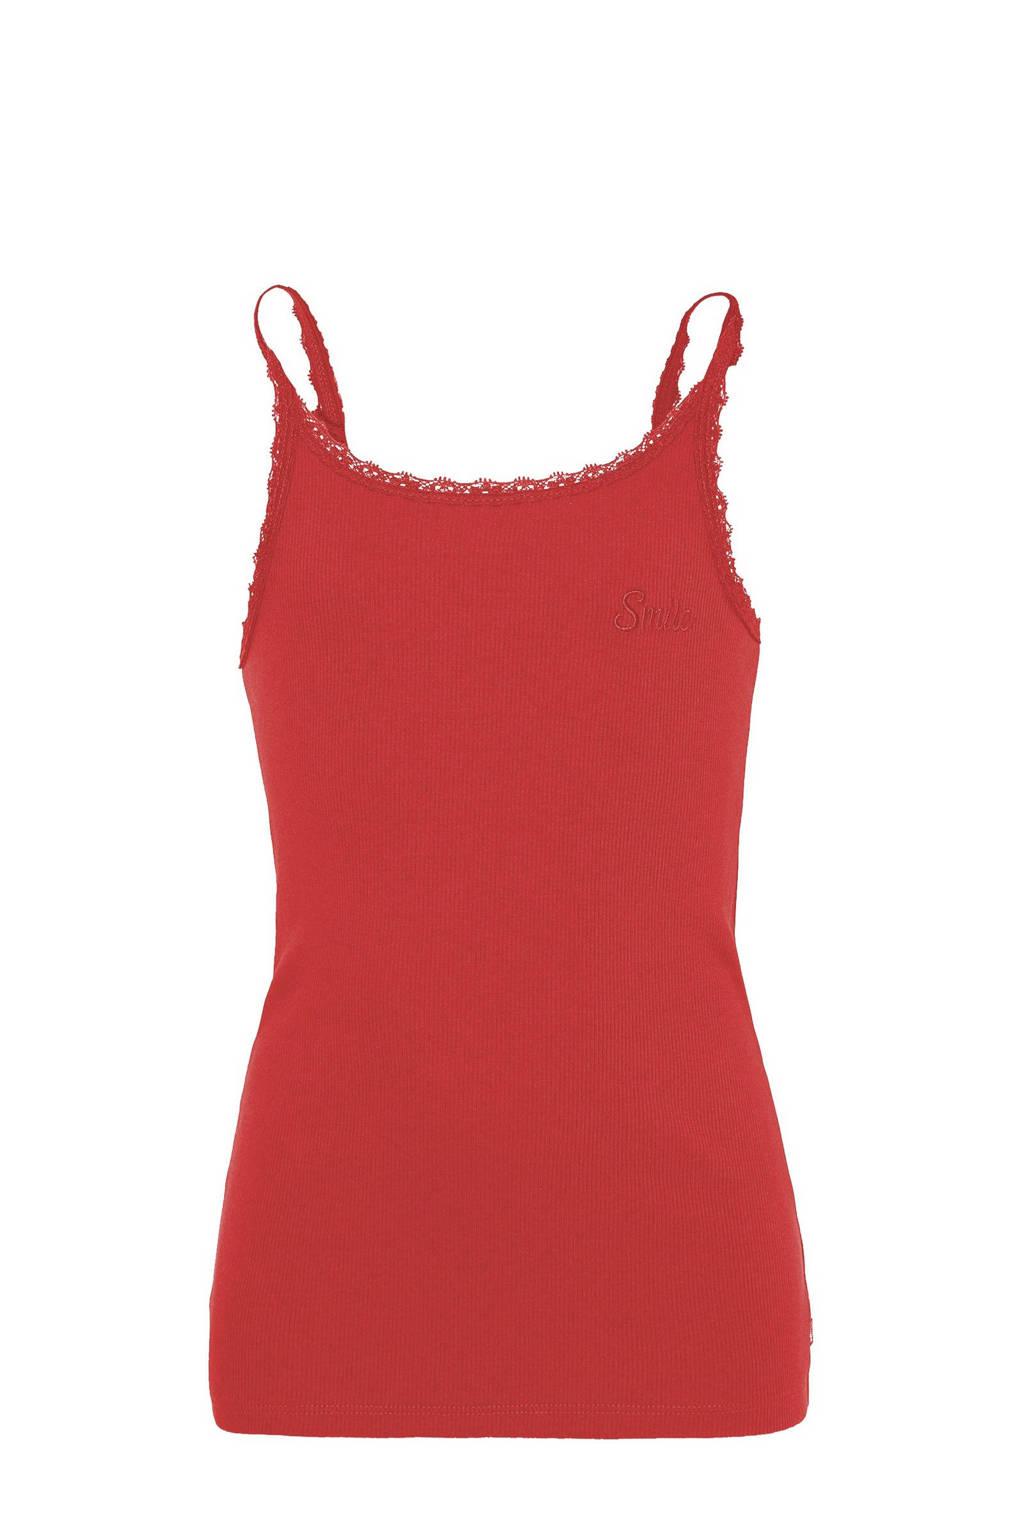 WE Fashion singlet met borduursels rood, Rood